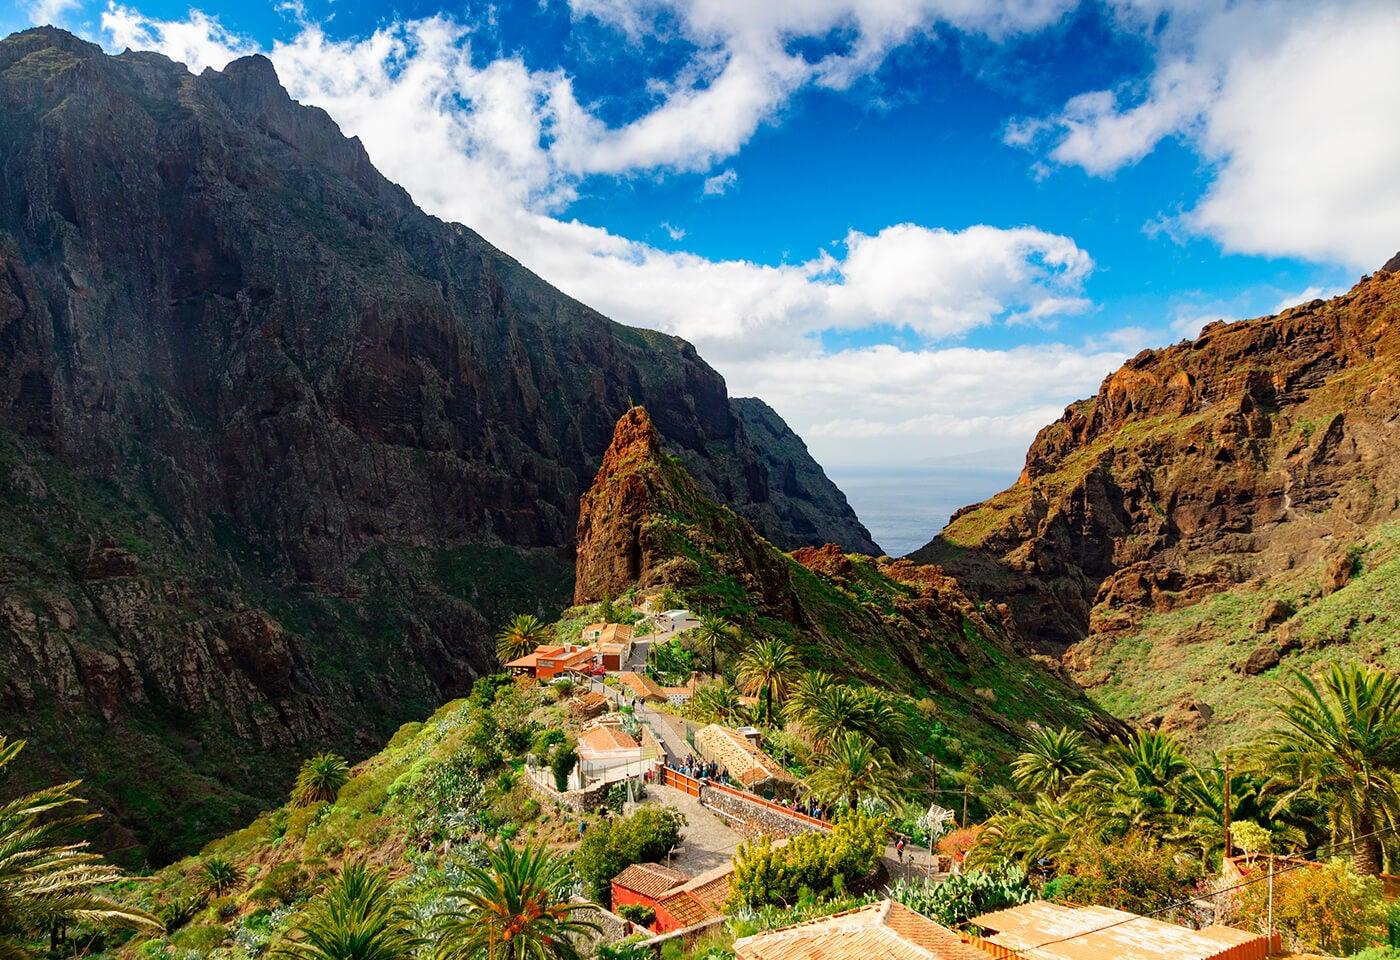 Anaga en Tenerife